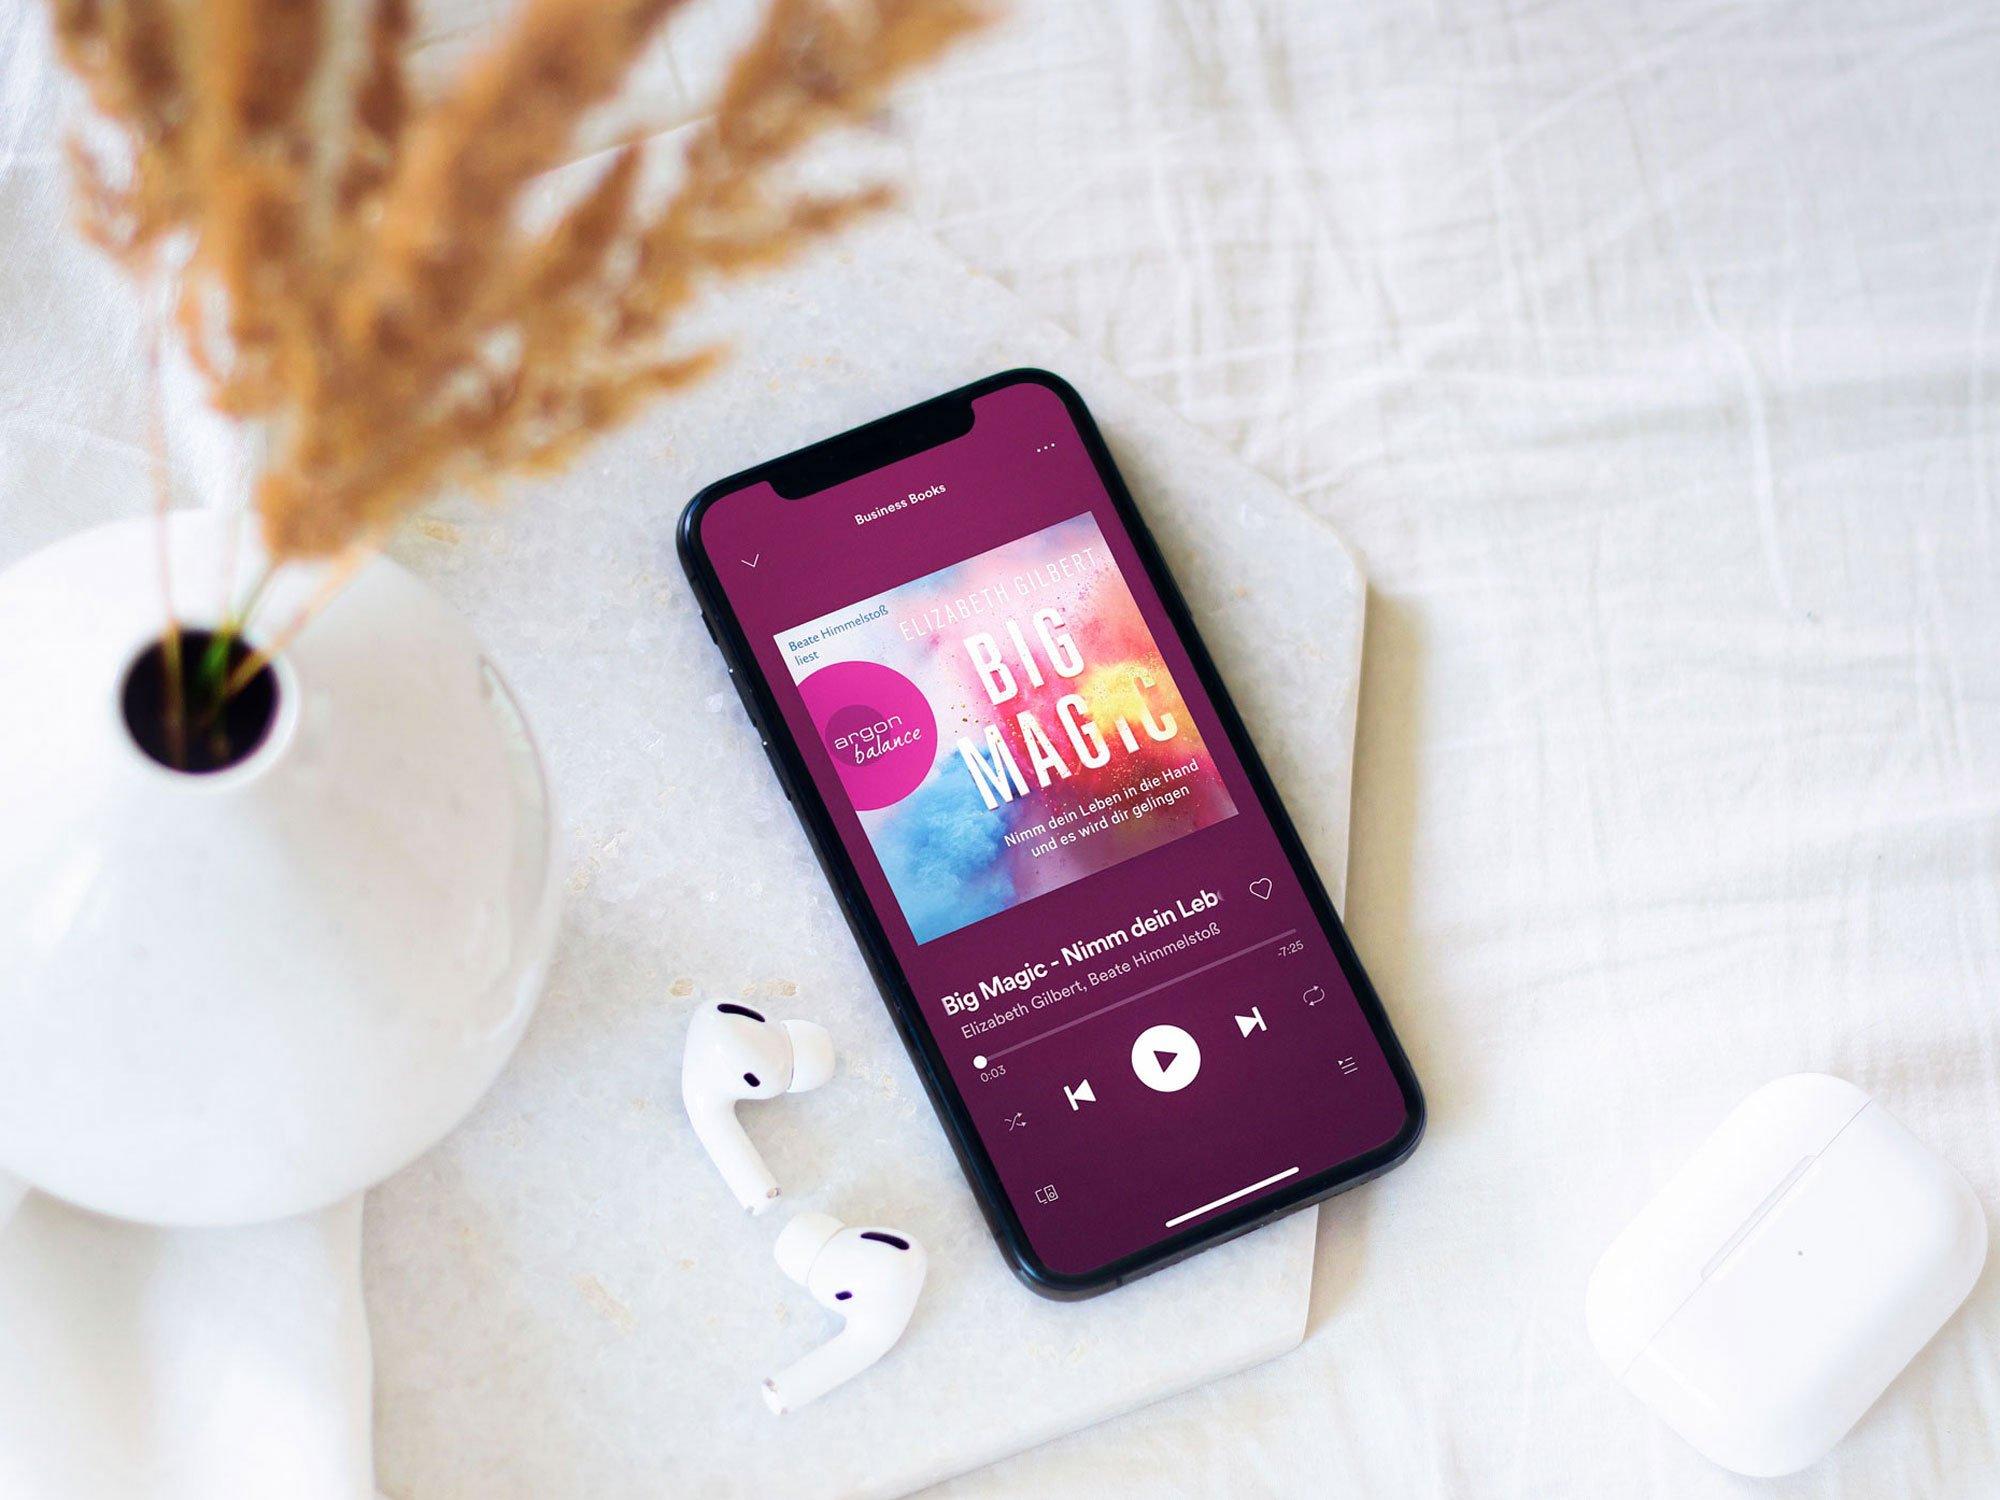 Wusstest du, dass es beim Musik-Schweden Spotify zahlreiche kostenlose Hörbücher gibt? Auch im Bereich Sachbuch wirst du mühelos fündig und kannst dir großartige Bücher für deine berufliche Weiterbildung anhören. Wir zeigen dir die besten Business-Hörbücher und wo du sie kostenlos streamen kannst – 100 % legal, versteht sich. #stillundstark #vanillamind